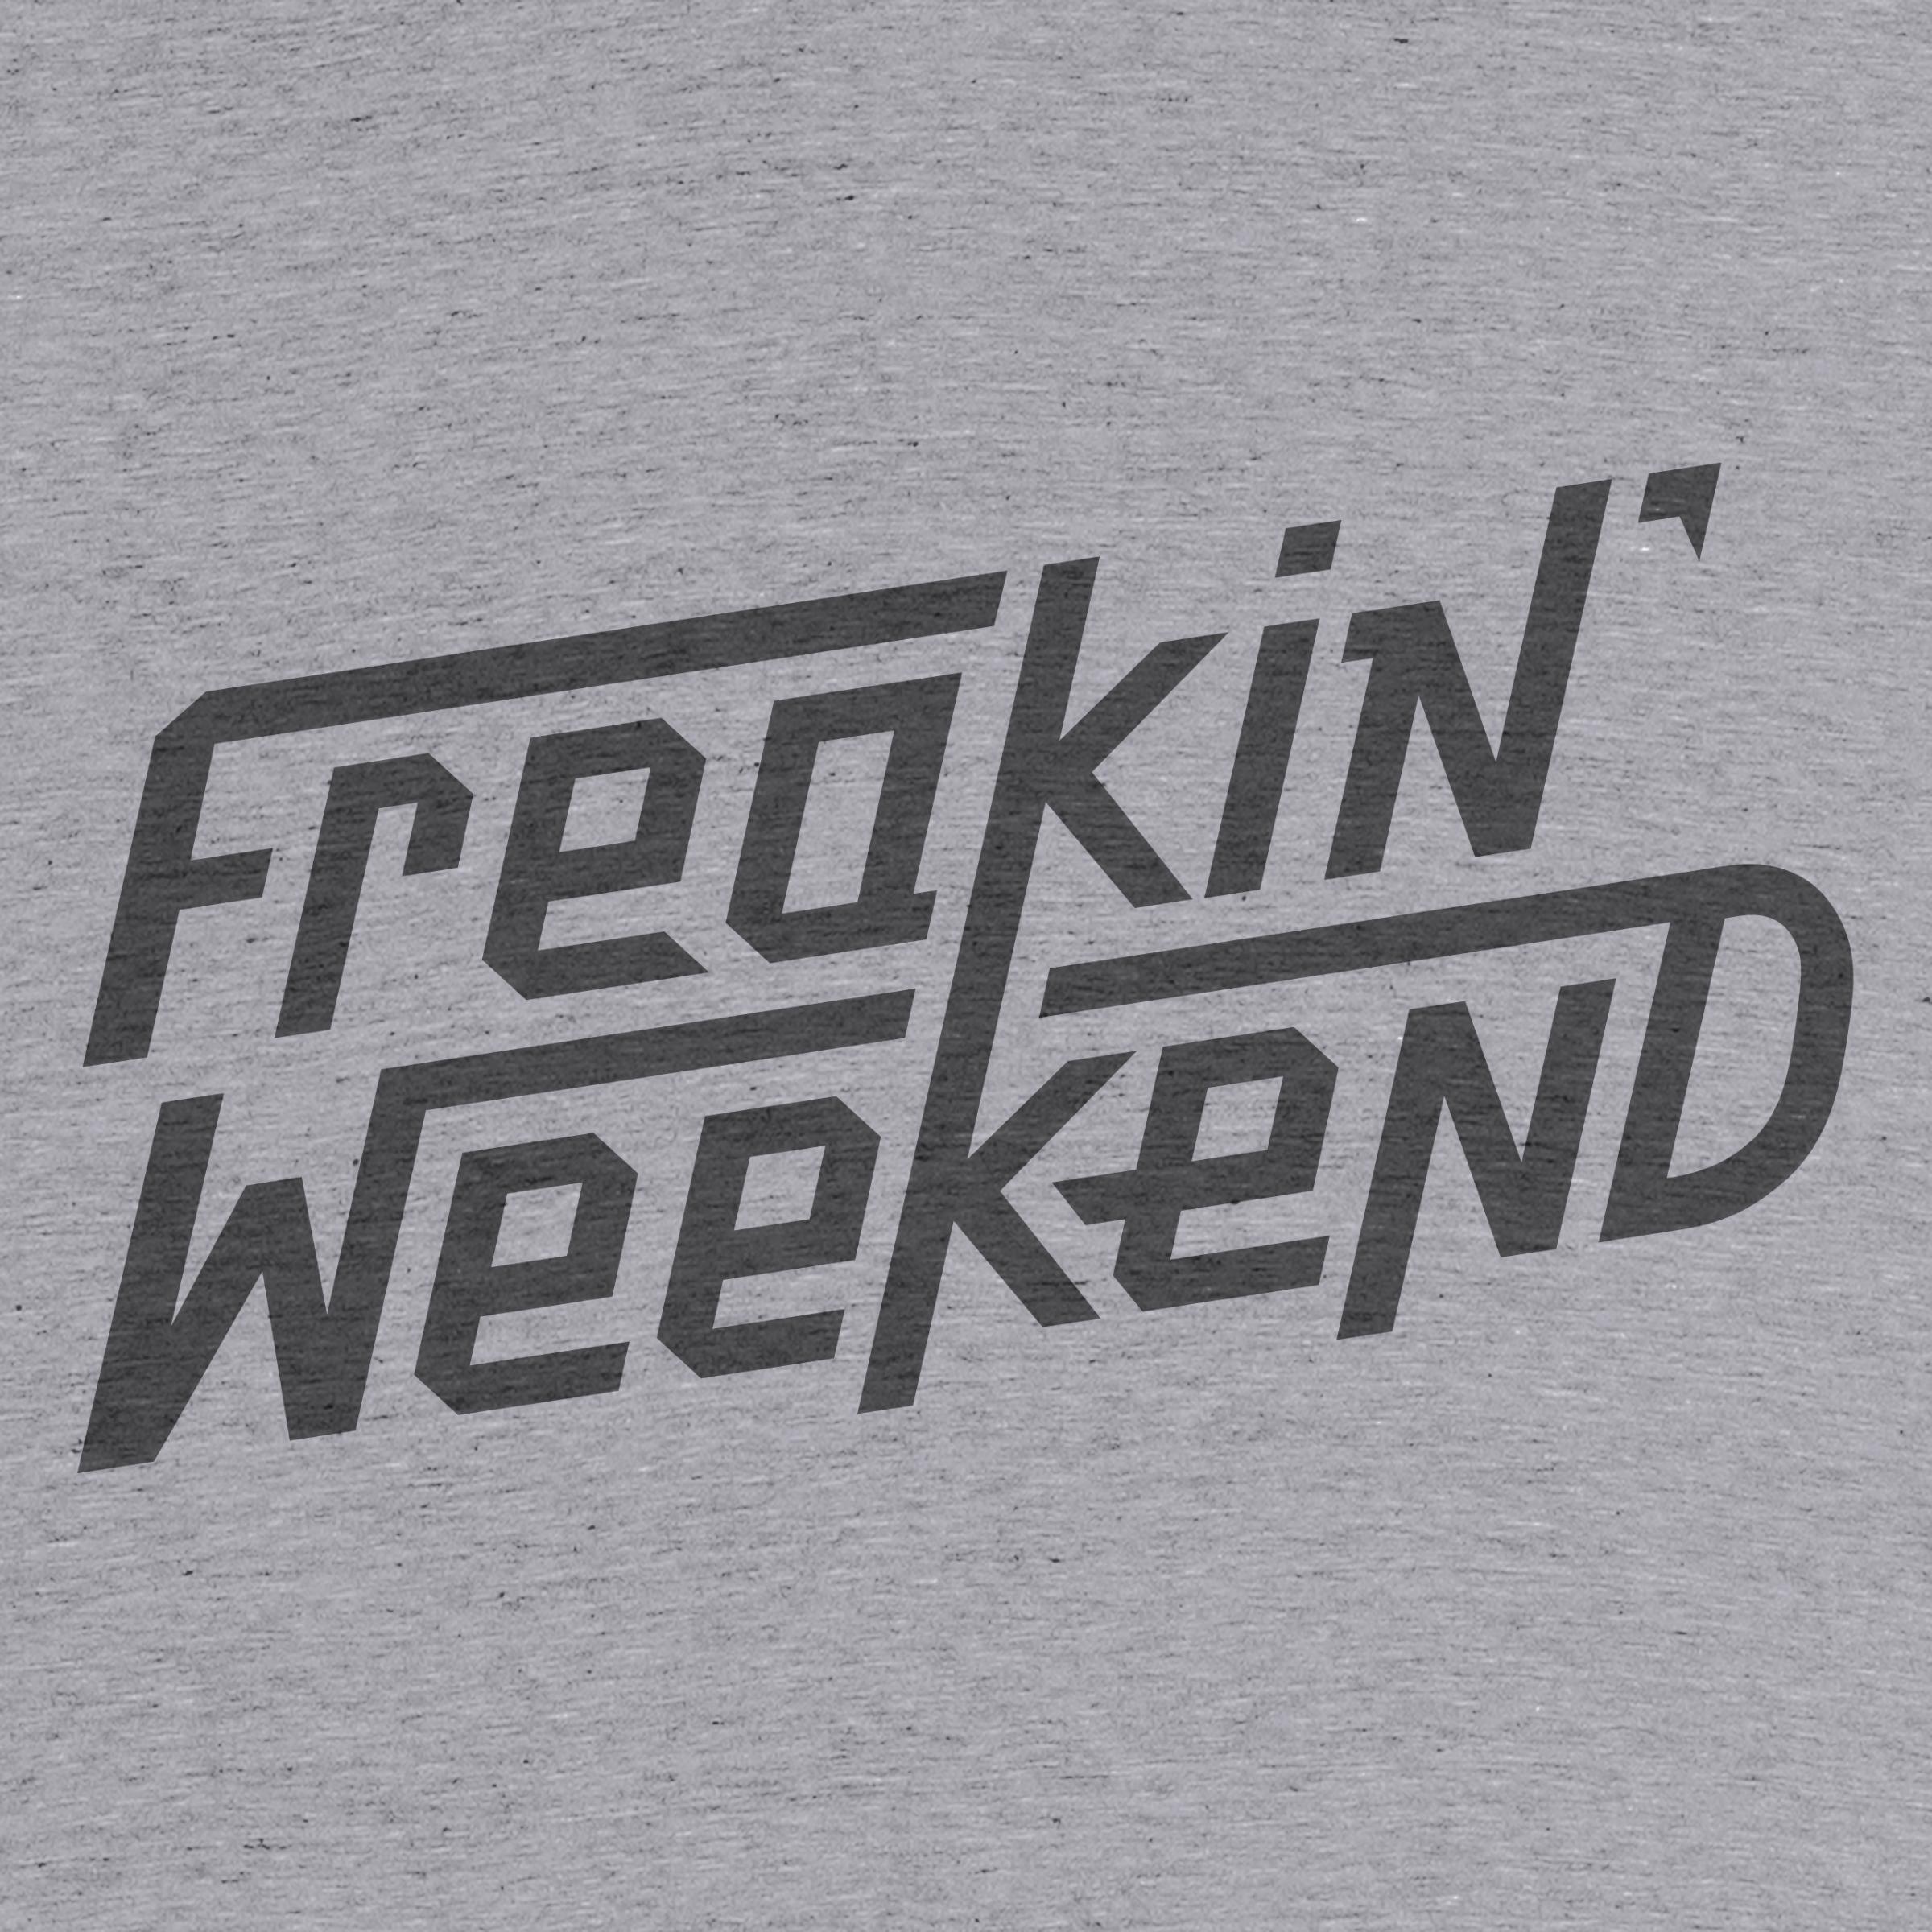 Freakin' Weekend